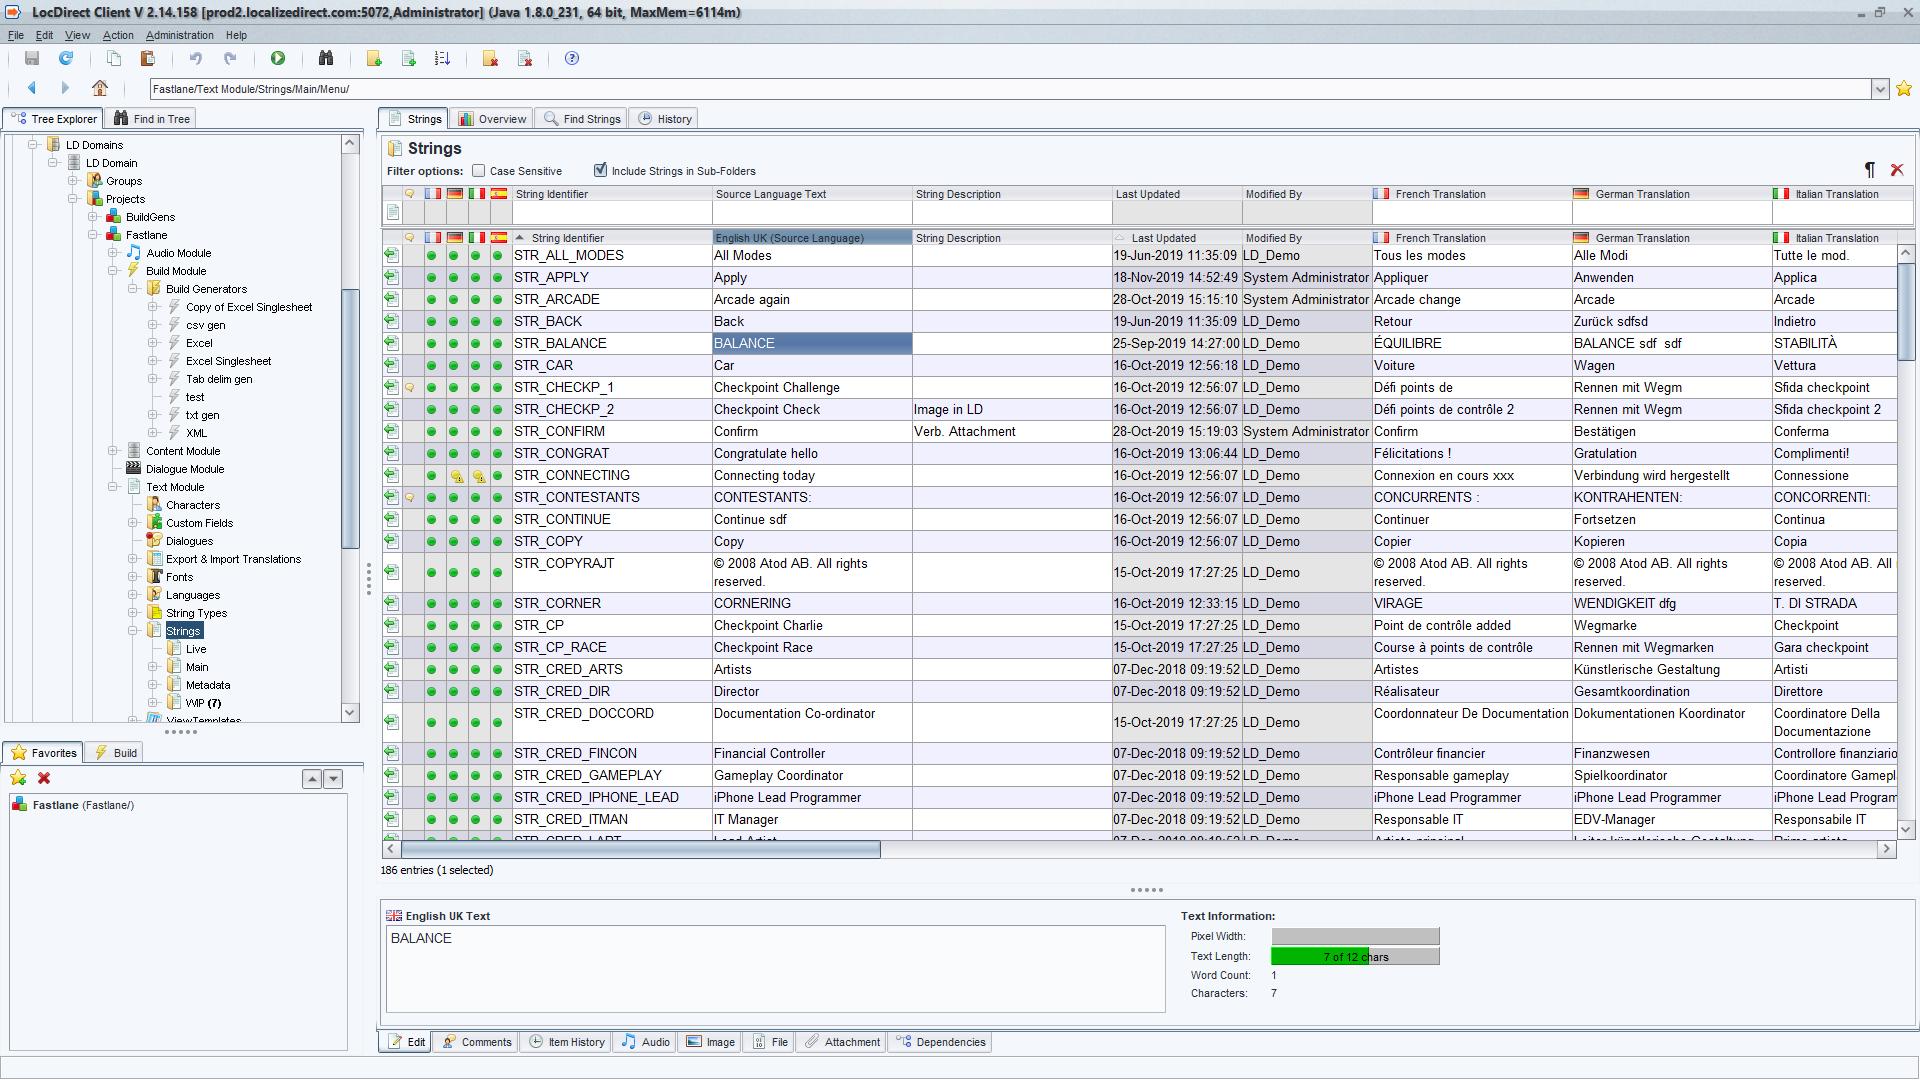 LocDirect screenshot